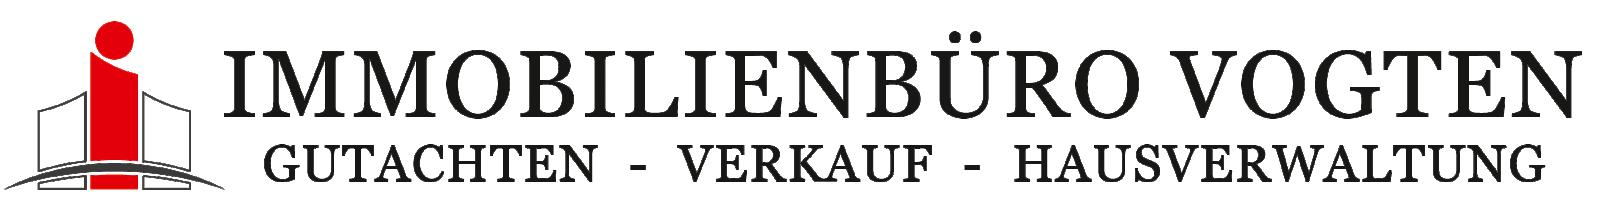 Immobilienbüro Vogten GmbH